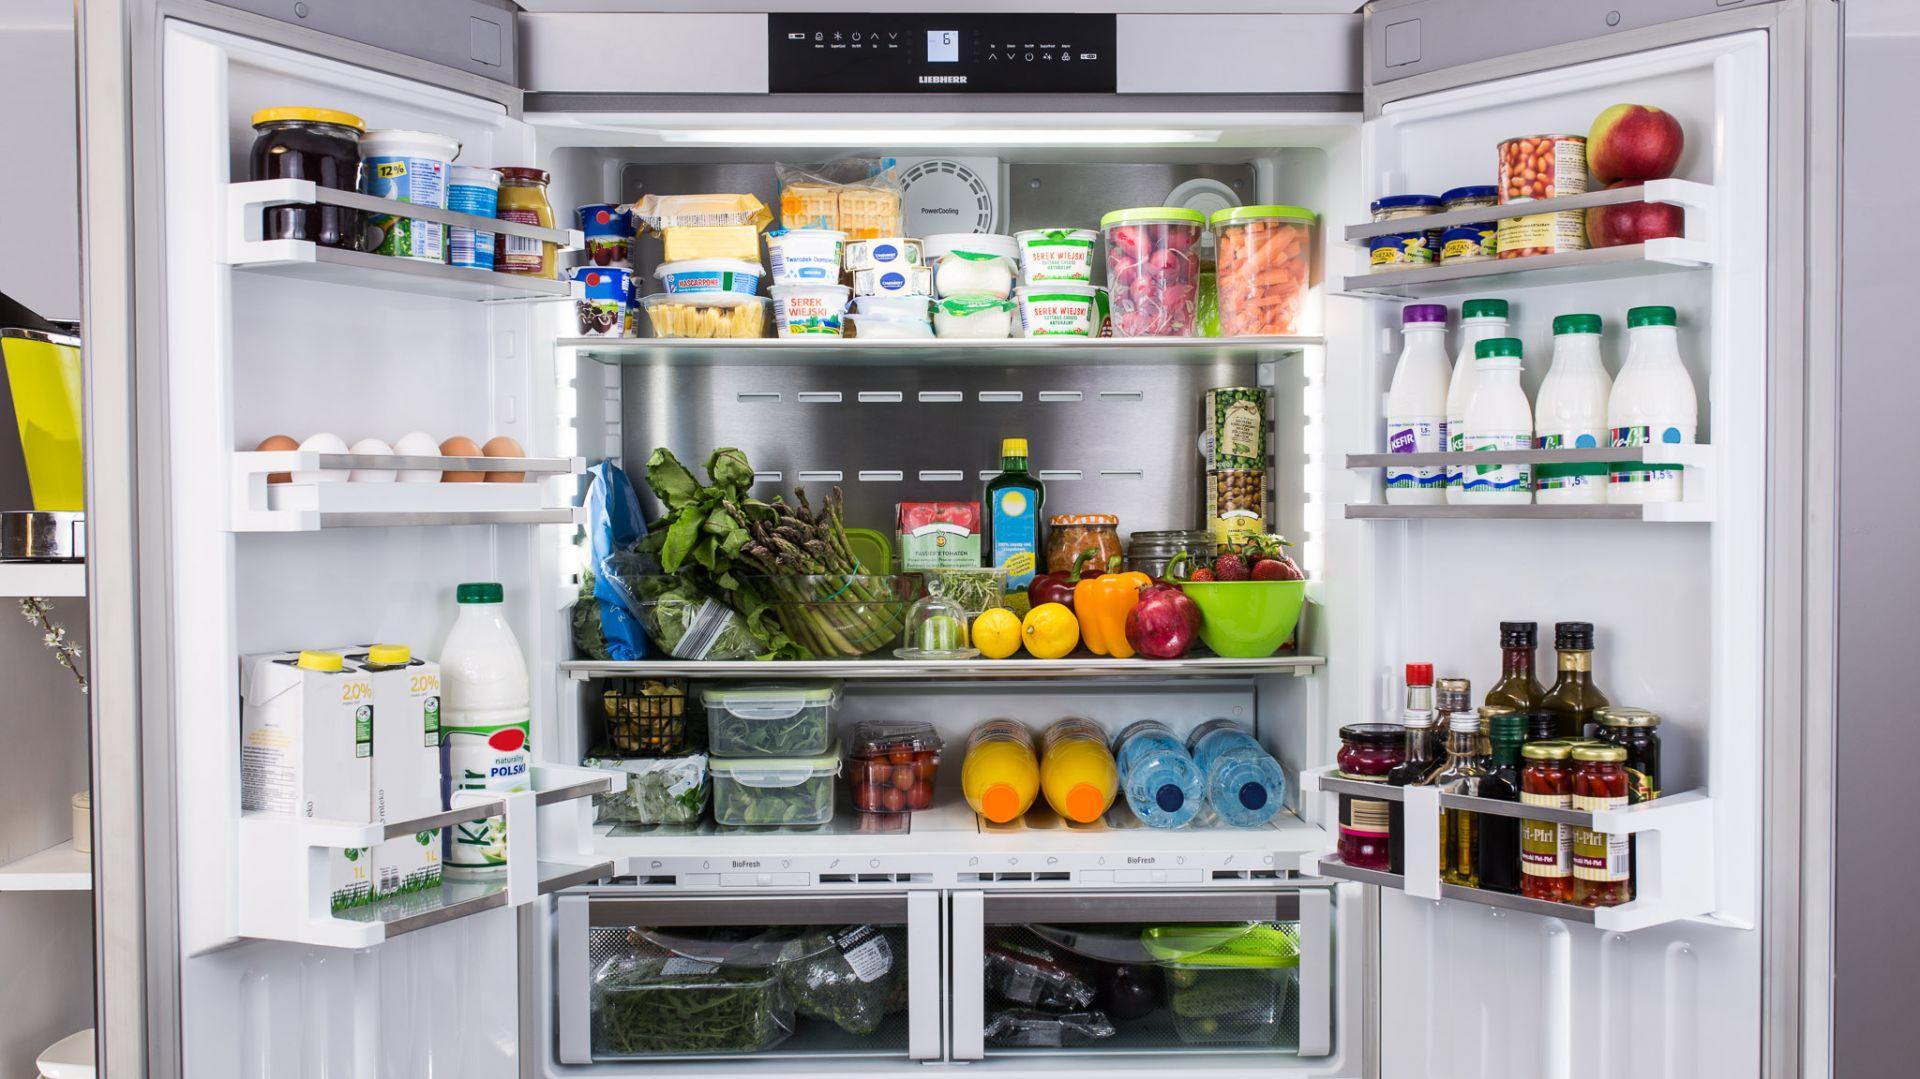 W odpowiednim przechowywaniu i mrożeniu produktów z pewnością pomoże chłodziarko-zamrażarka z linii French Door. Fot. Liebherr